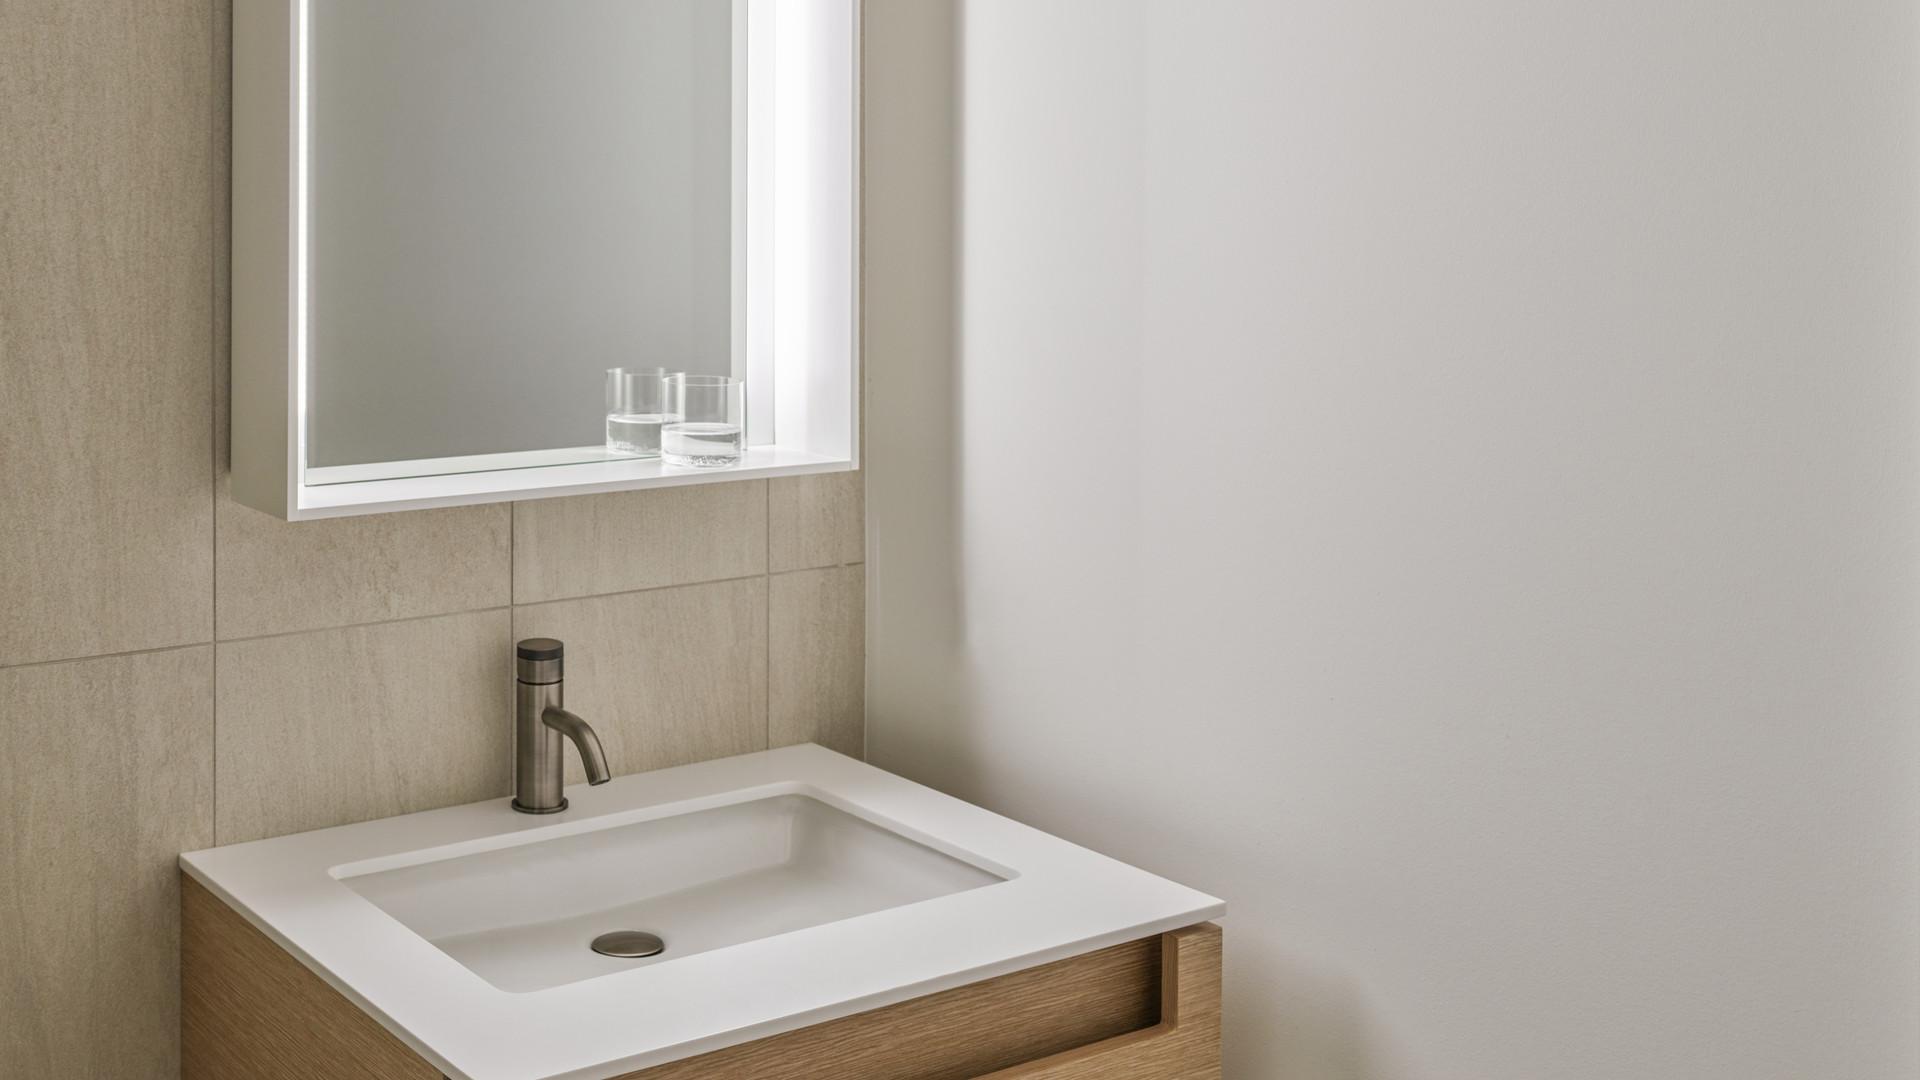 modern bathroom vanity by untitled design agency